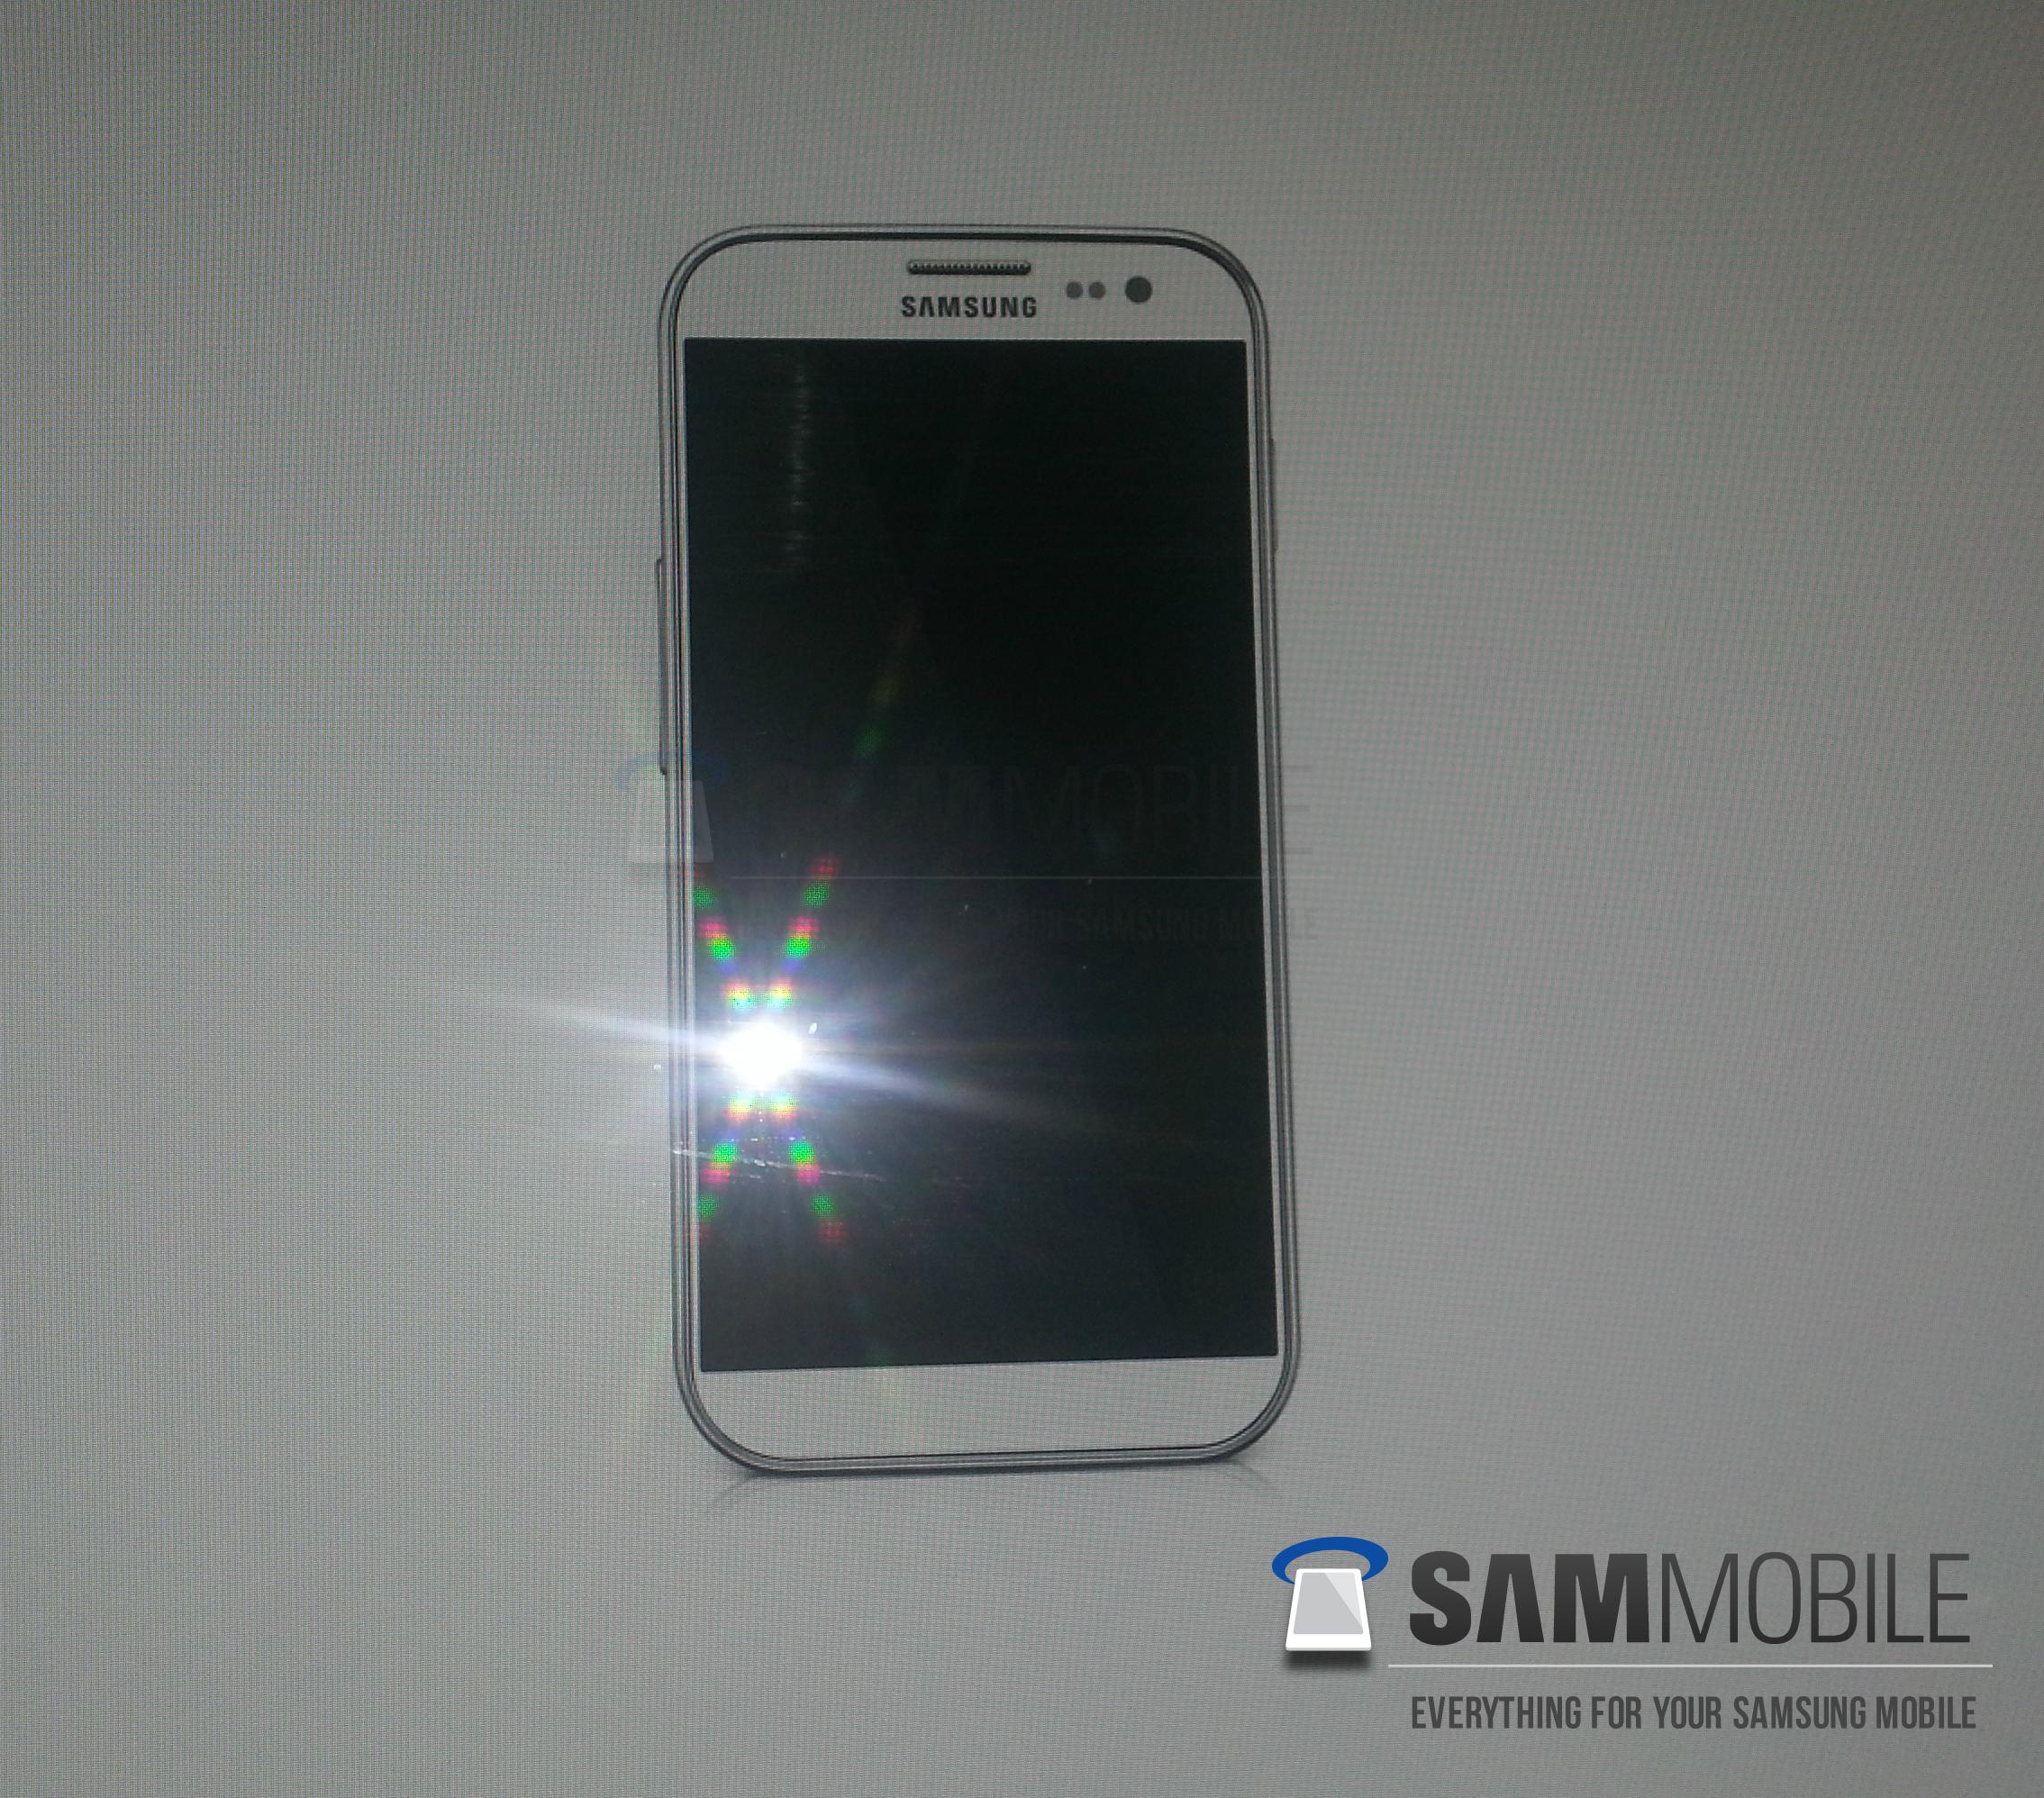 Primeira imagem do Galaxy S4 finalizado (Foto: Reprodução/Sammobile)